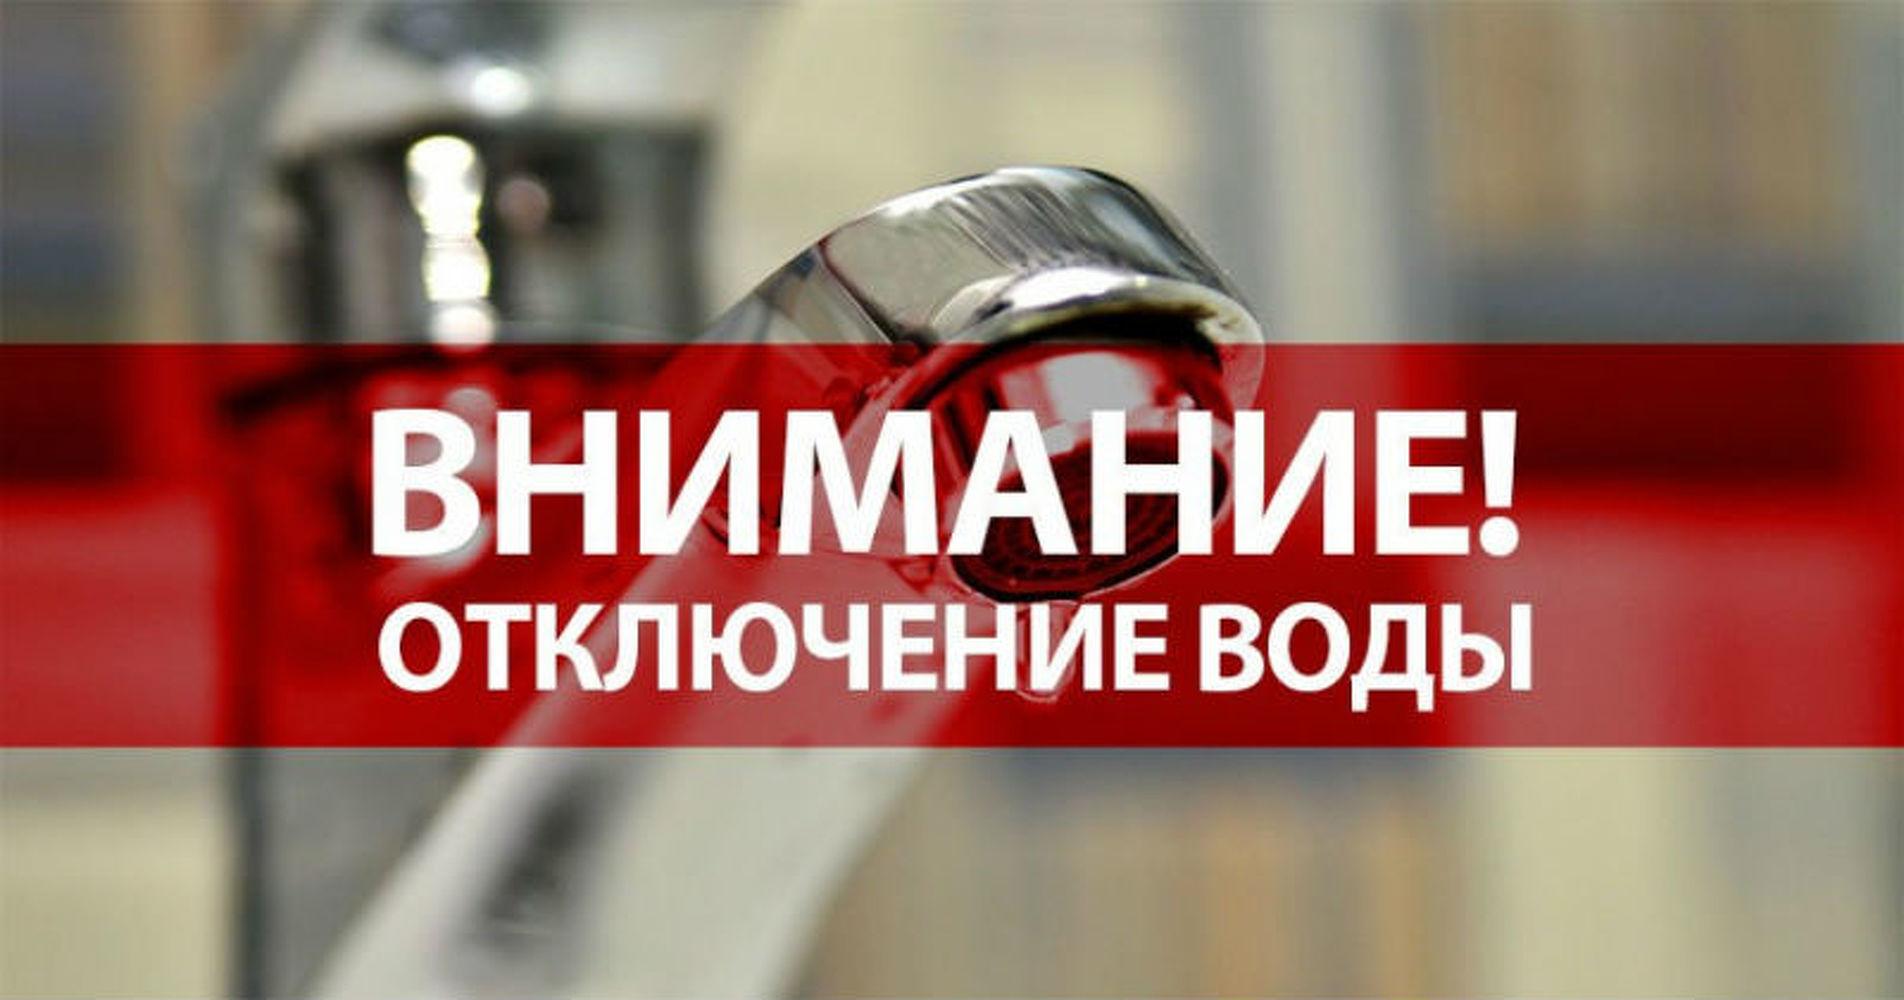 В микрорайоне Улан 16 октября не будет воды — Today.kg